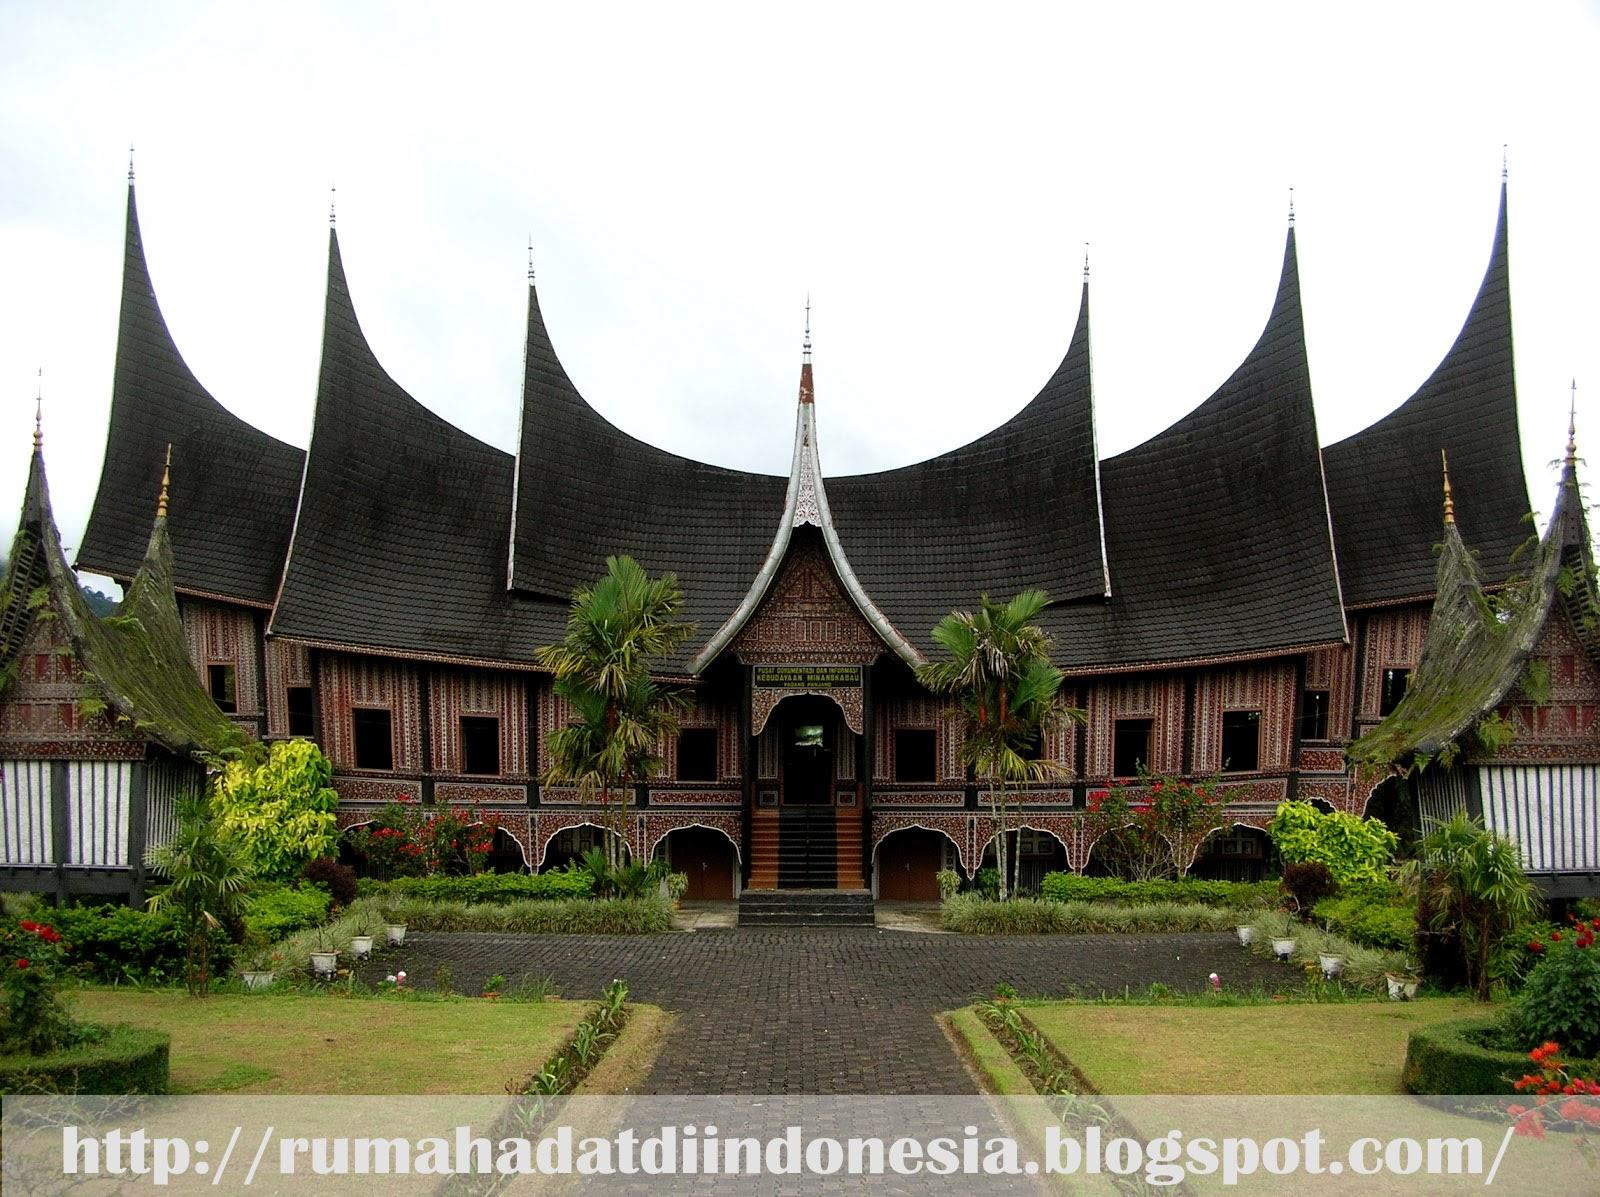 rumah adat minangkabau padang sumatra barat gadang rumah